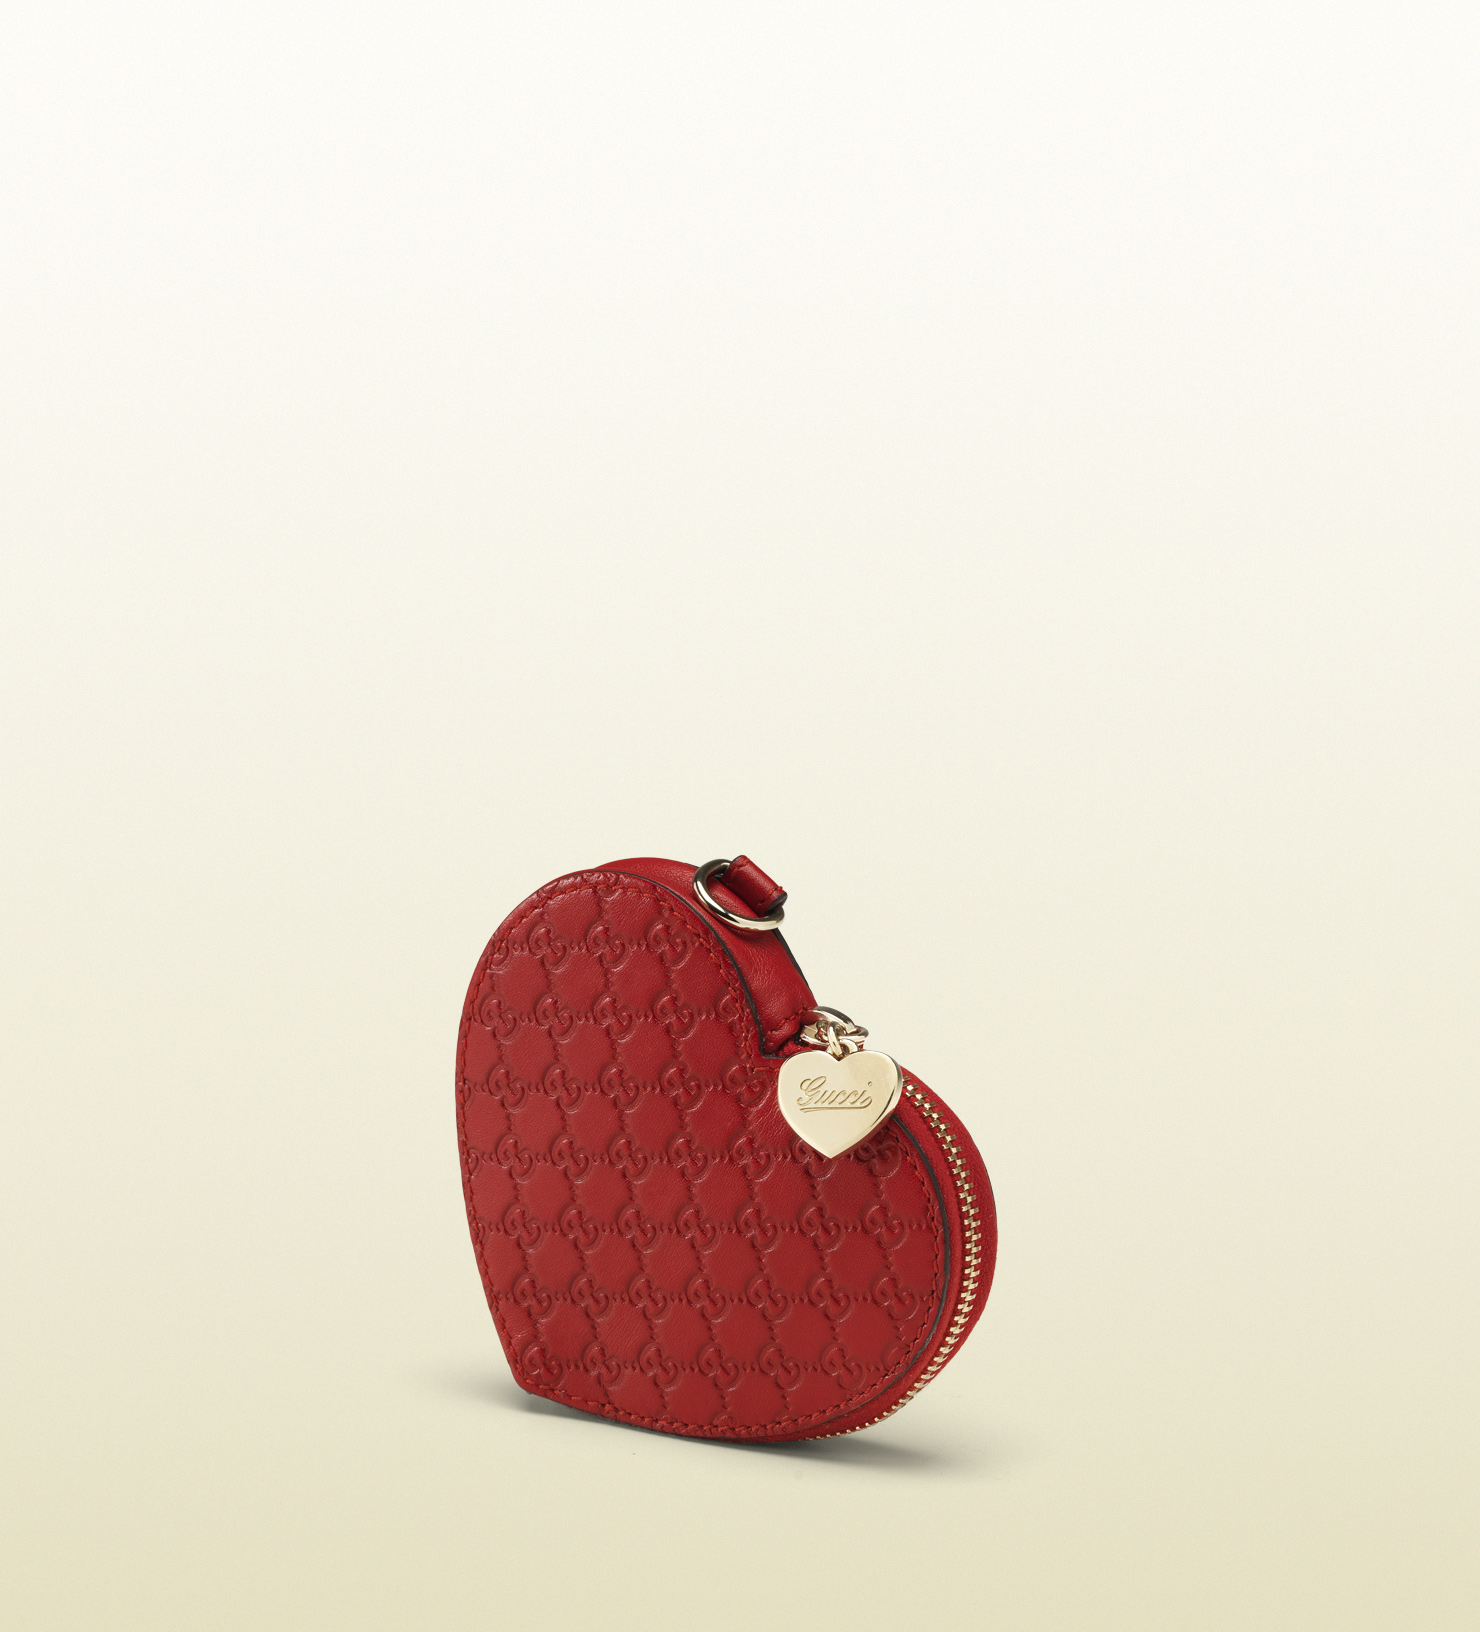 e5a8fa800645 Lyst Gucci Red Microguccissima Leather Heartshaped Coin Purse In